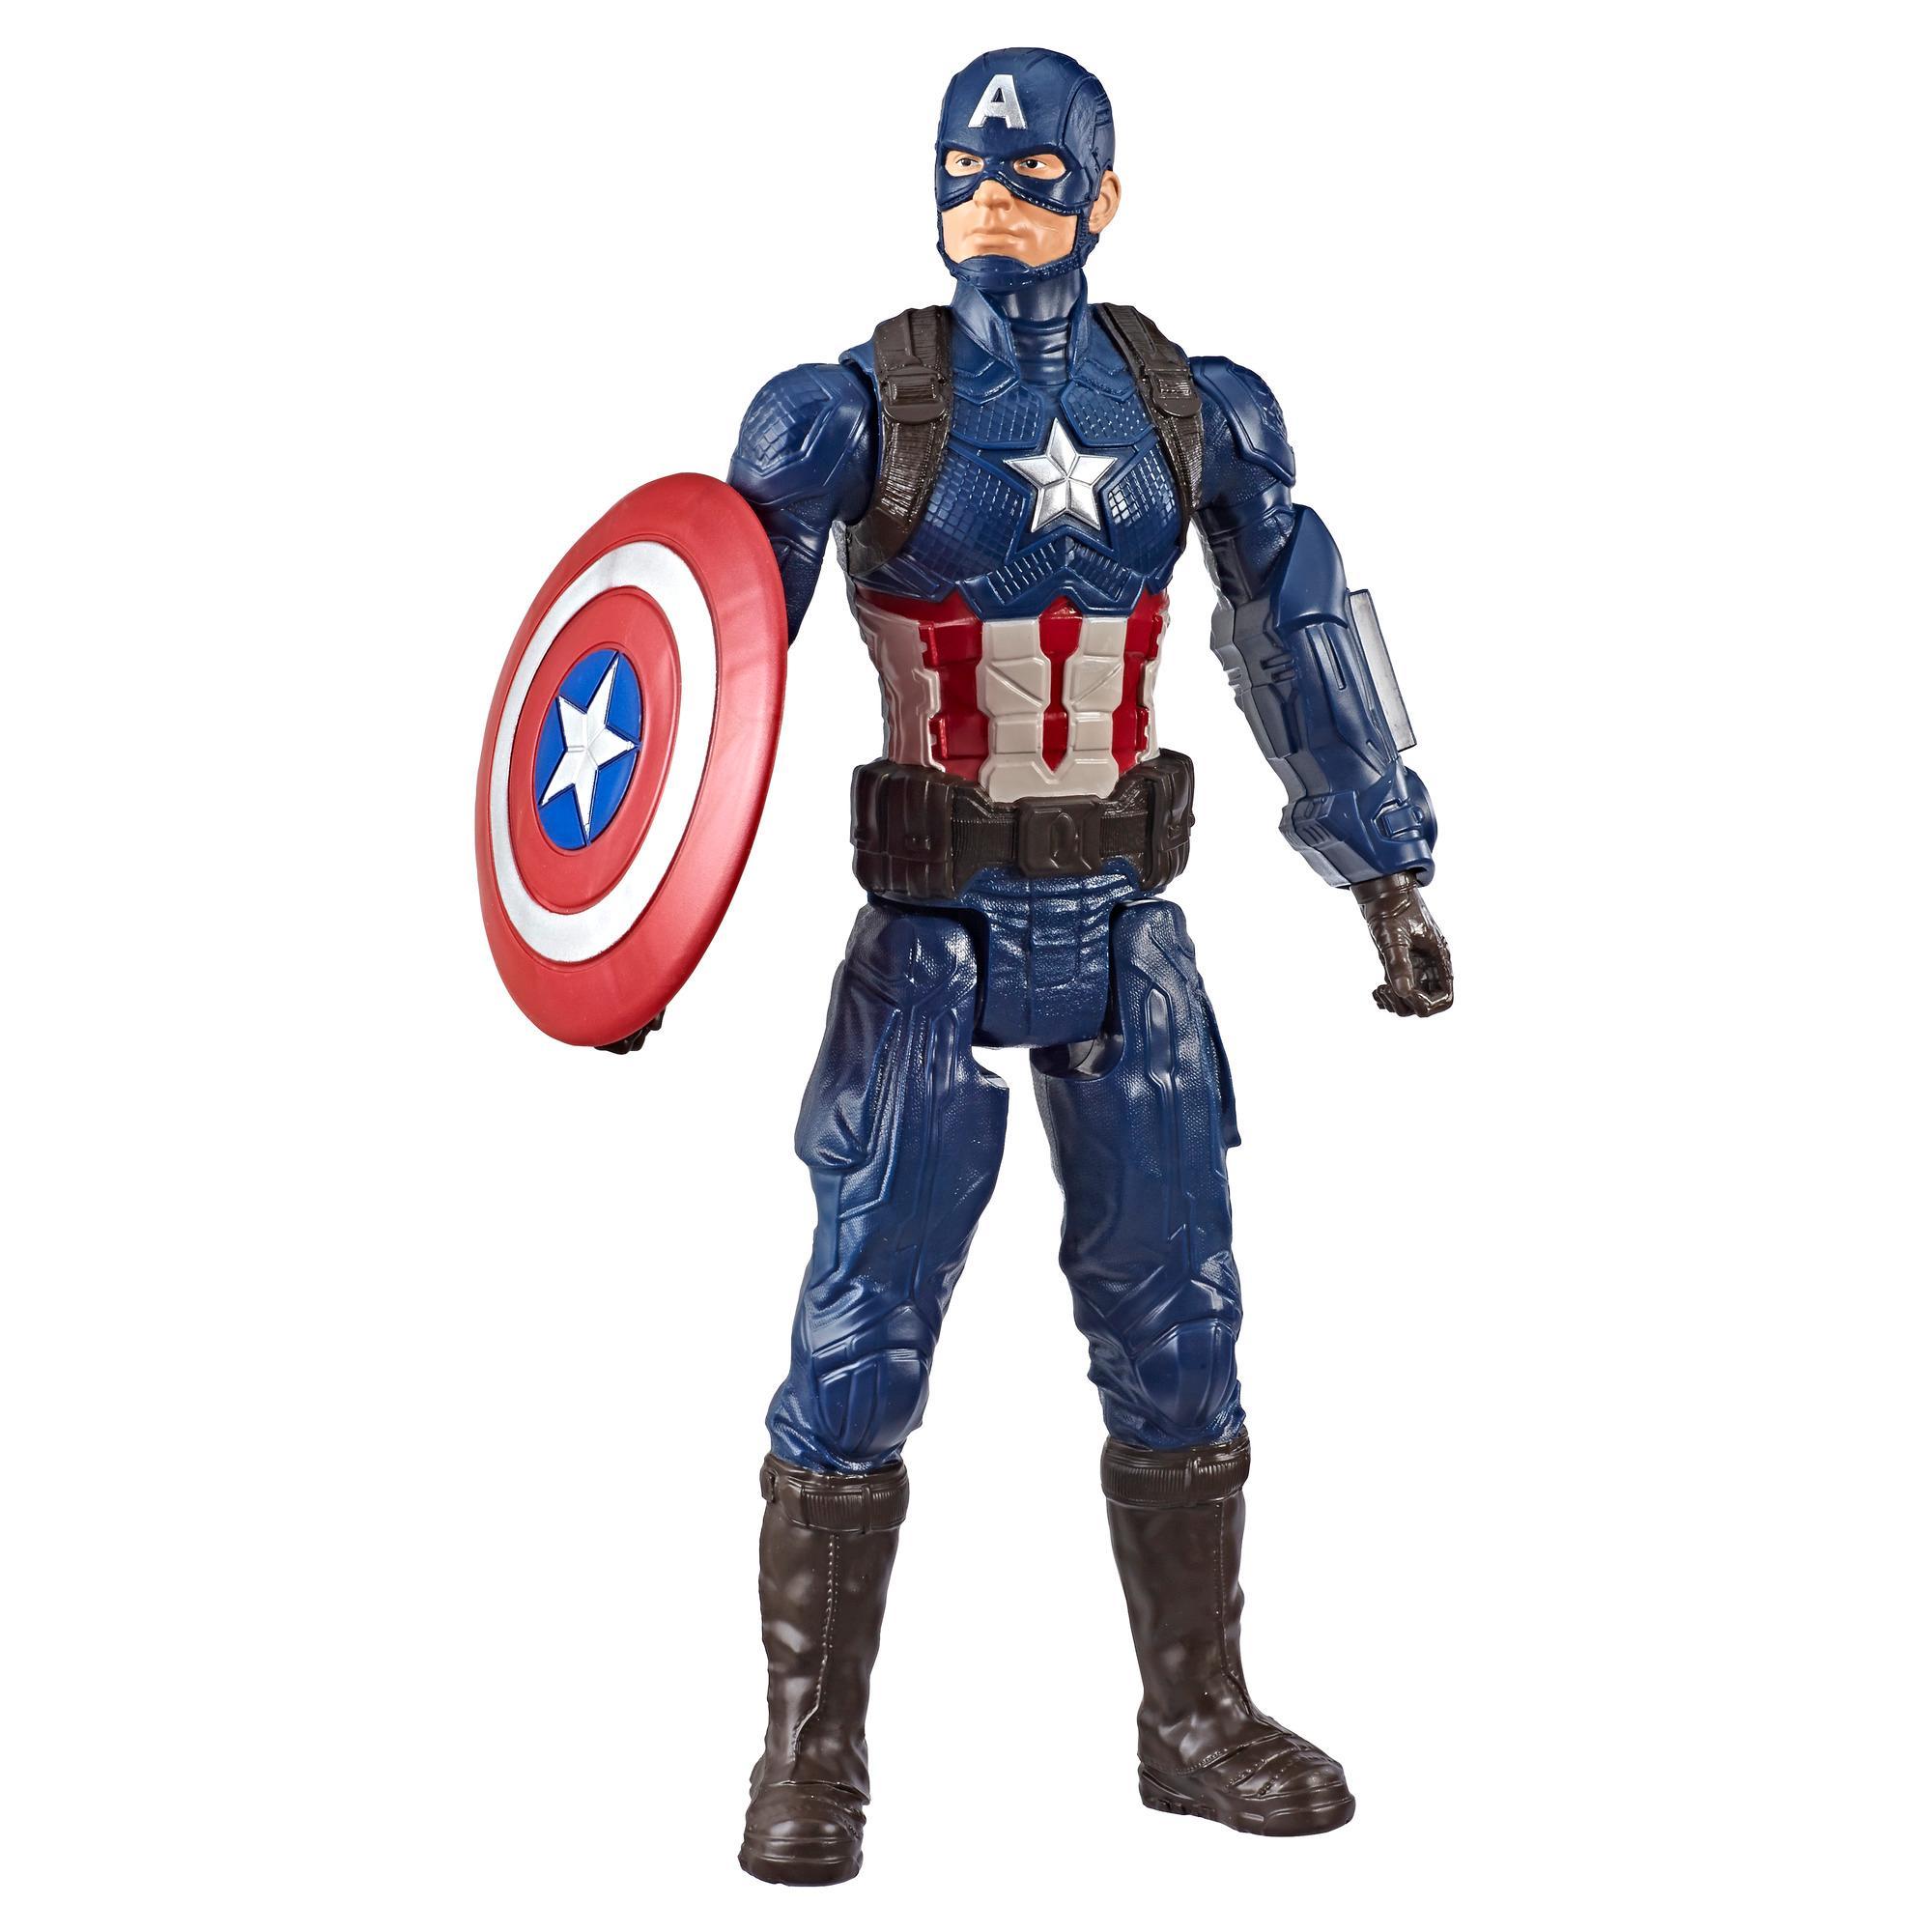 Marvel Avengers : Phase finale Titan Hero Series - Figurine jouet de super-héros Captain America de 30 cm avec port Titan Hero Power FX